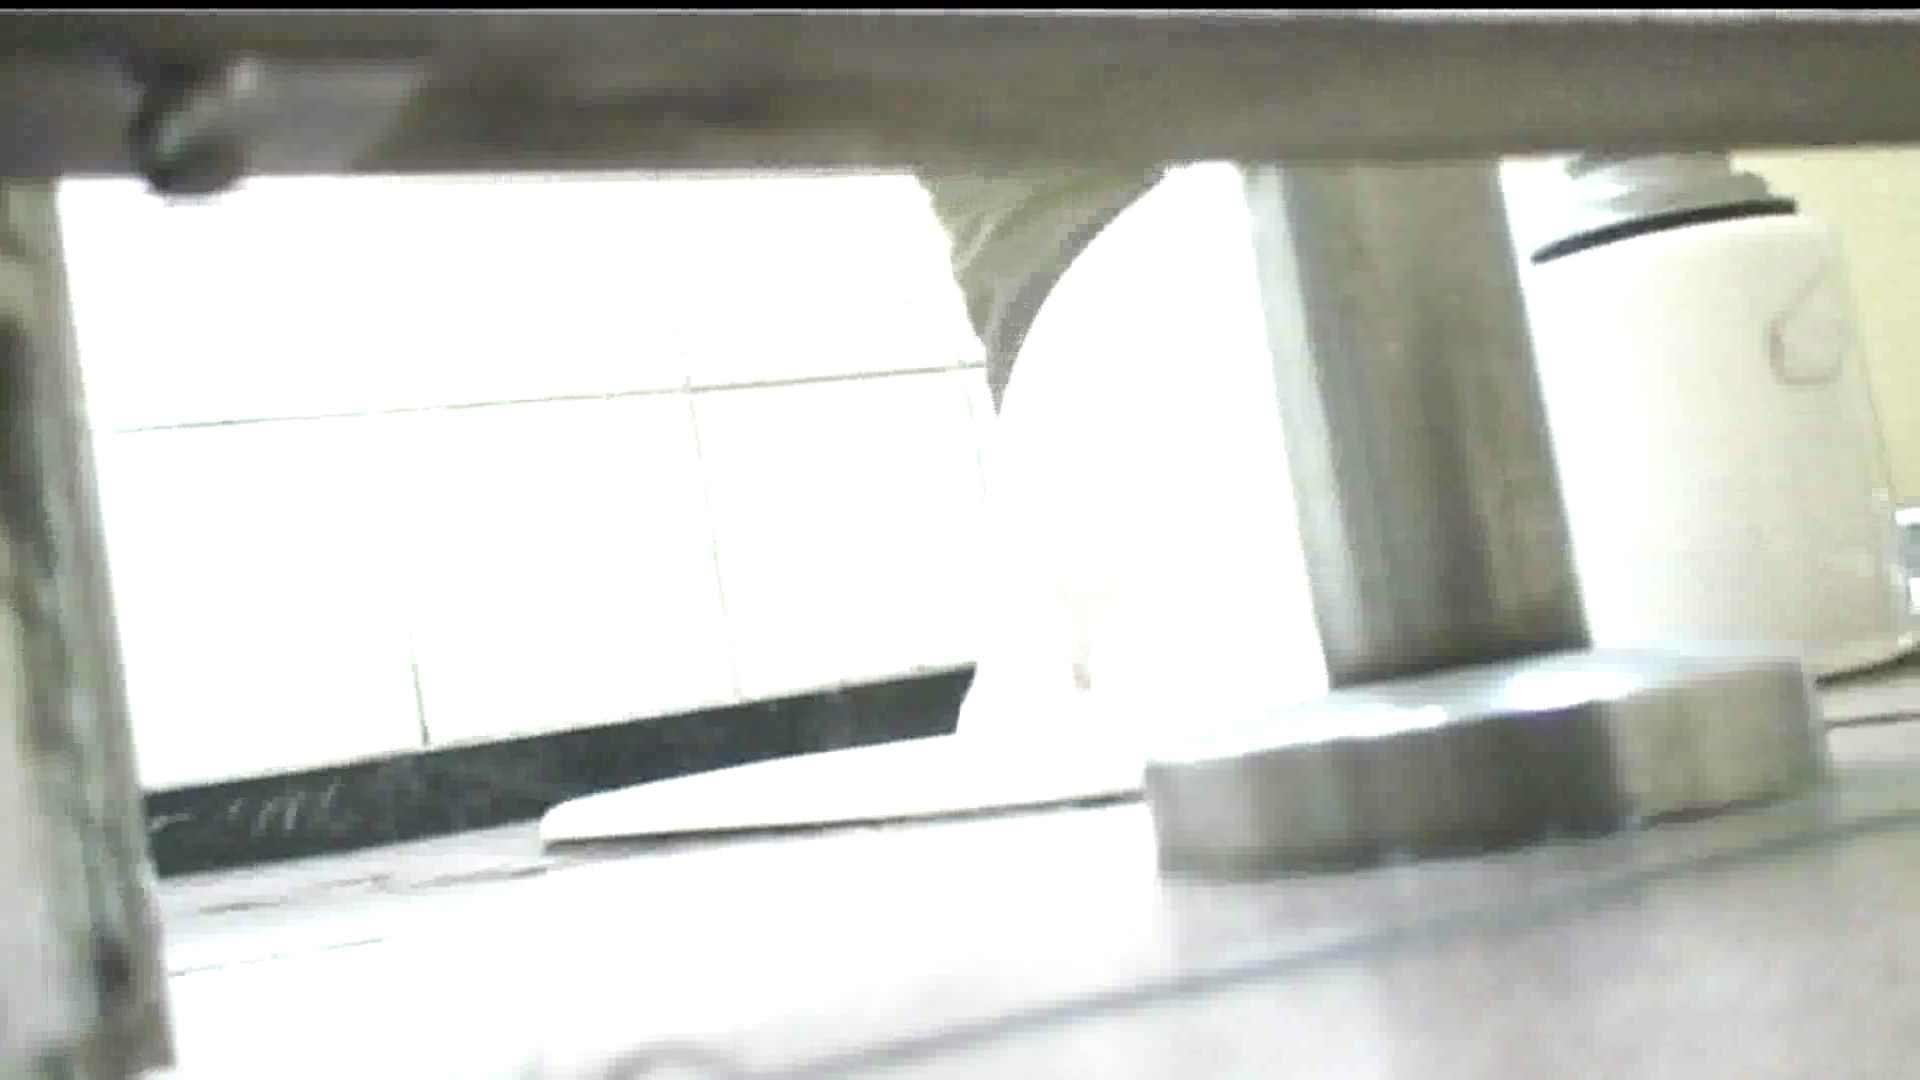 マンコ丸見え女子洗面所Vol.47 美しいOLの裸体 オマンコ無修正動画無料 77pic 68